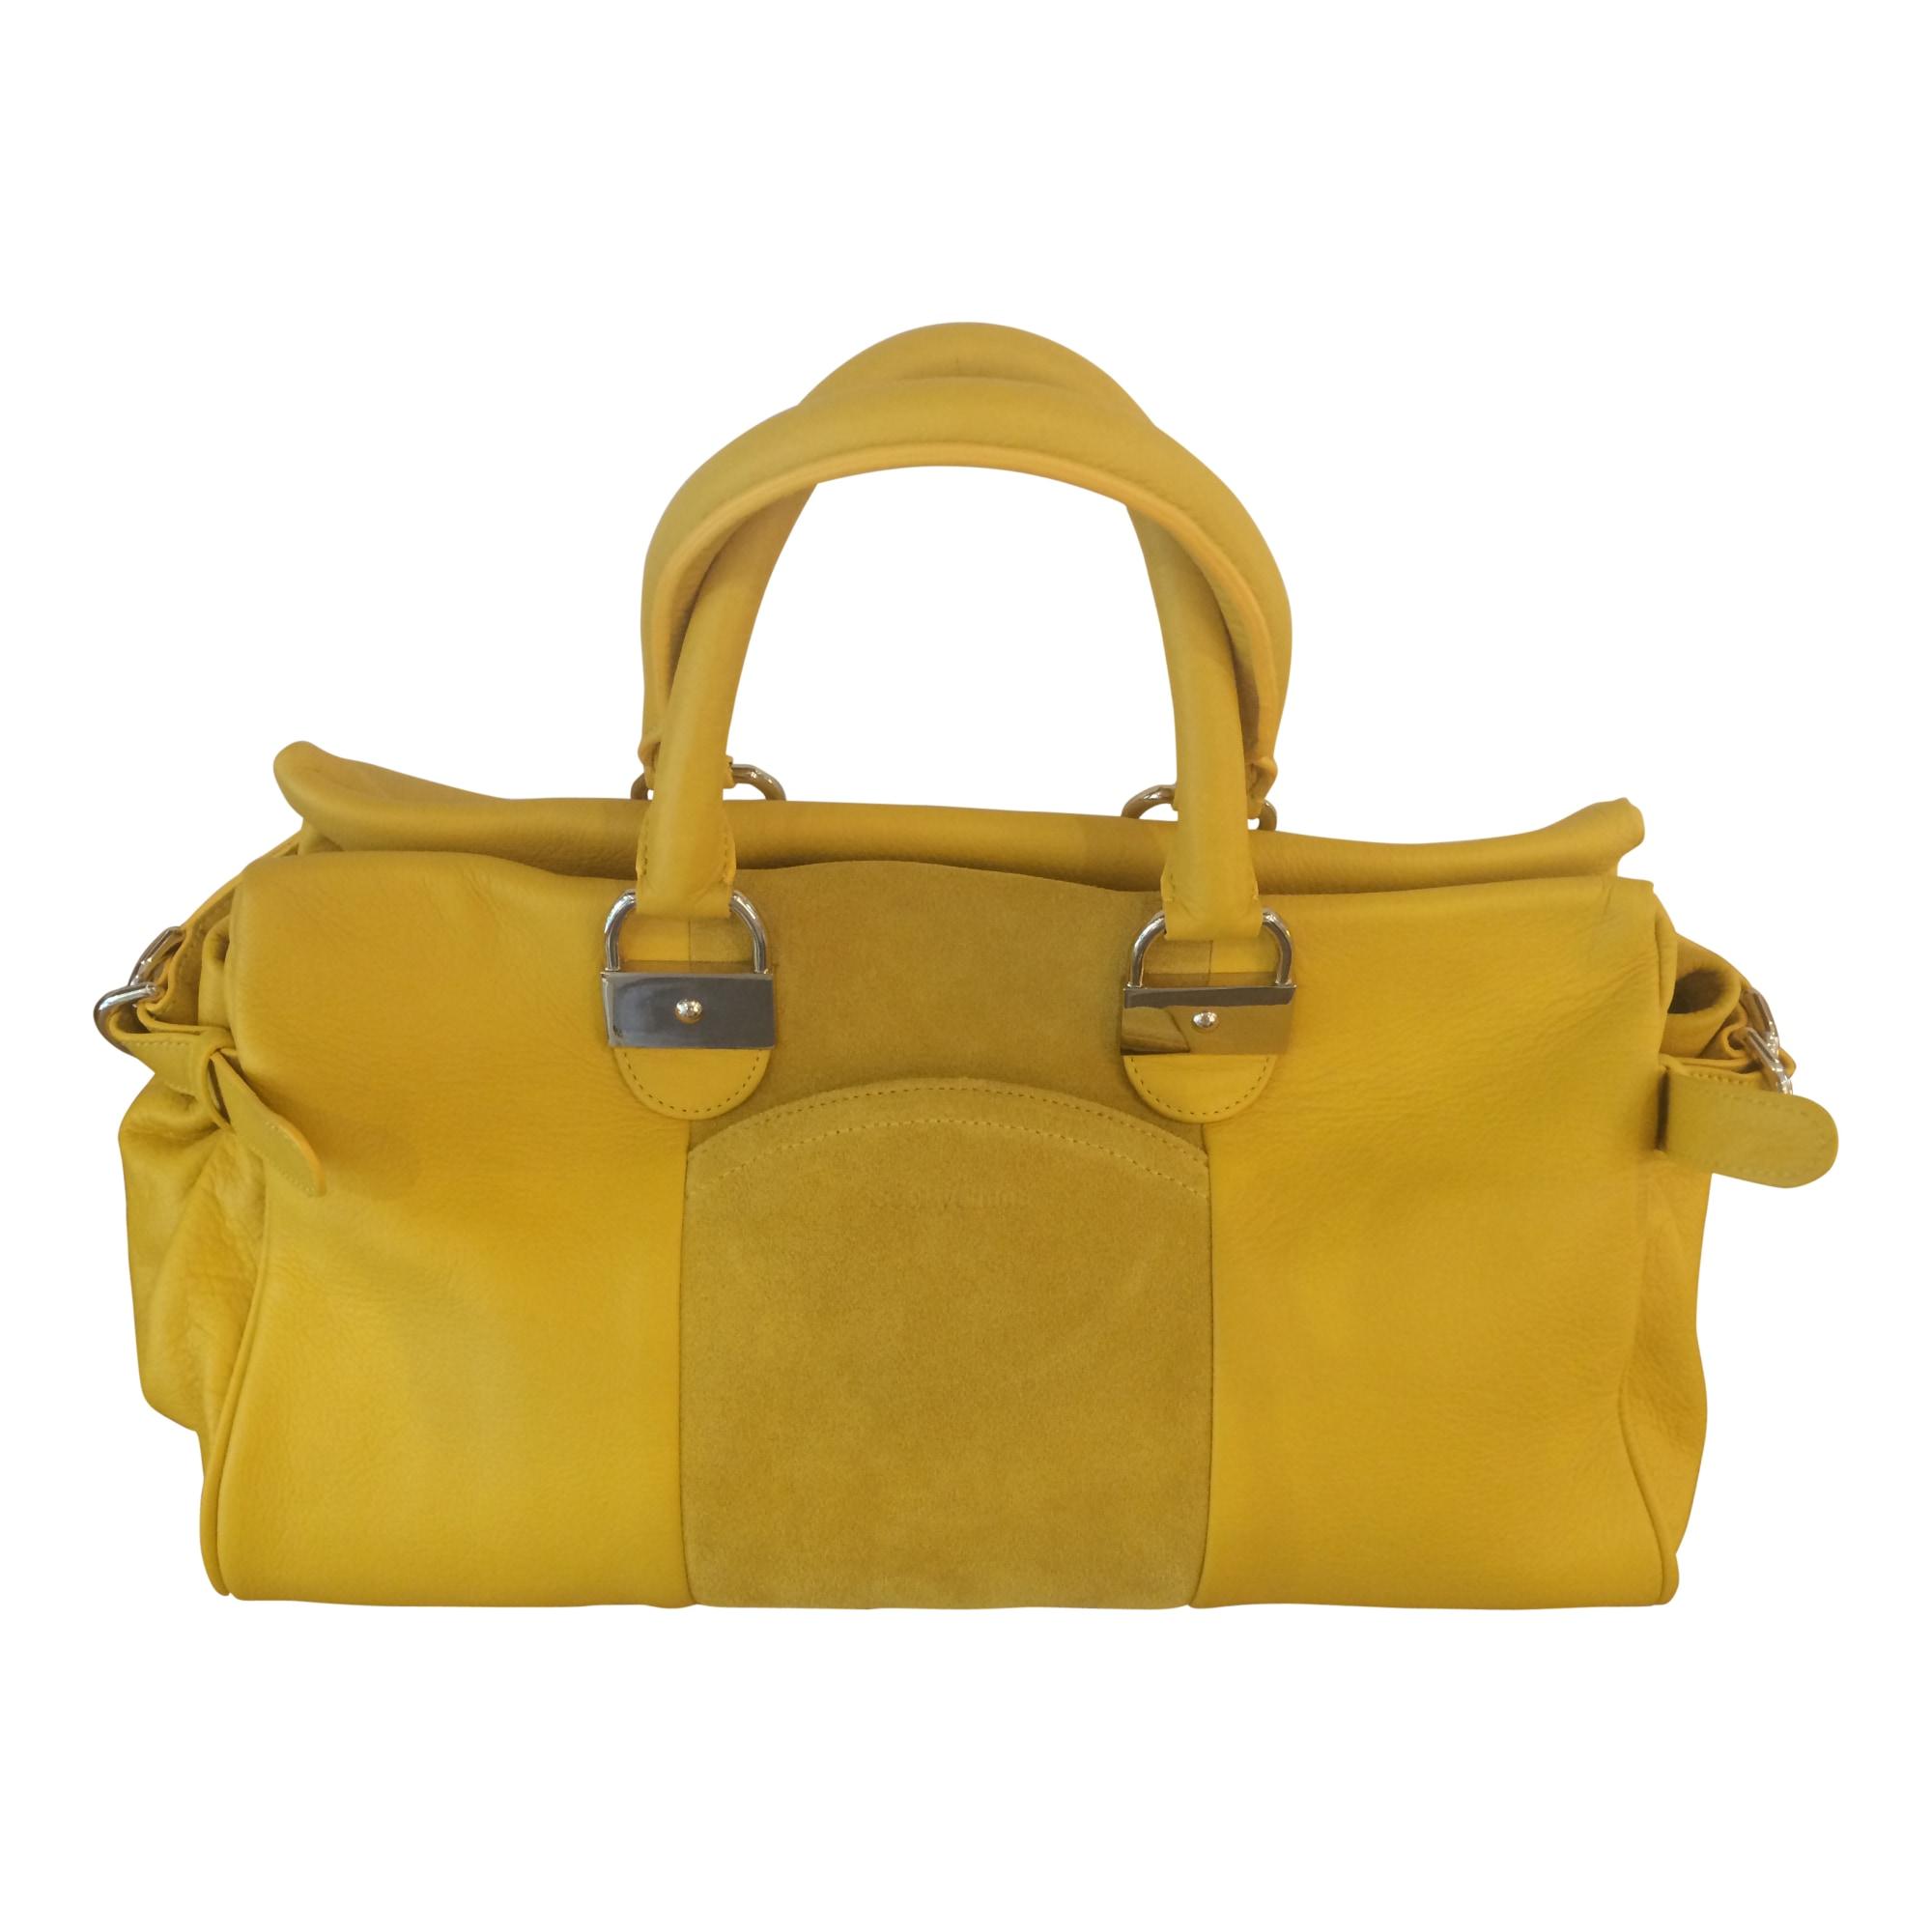 sac main en cuir see by chloe jaune vendu par le vide dressing de la boutique le parc 2672743. Black Bedroom Furniture Sets. Home Design Ideas